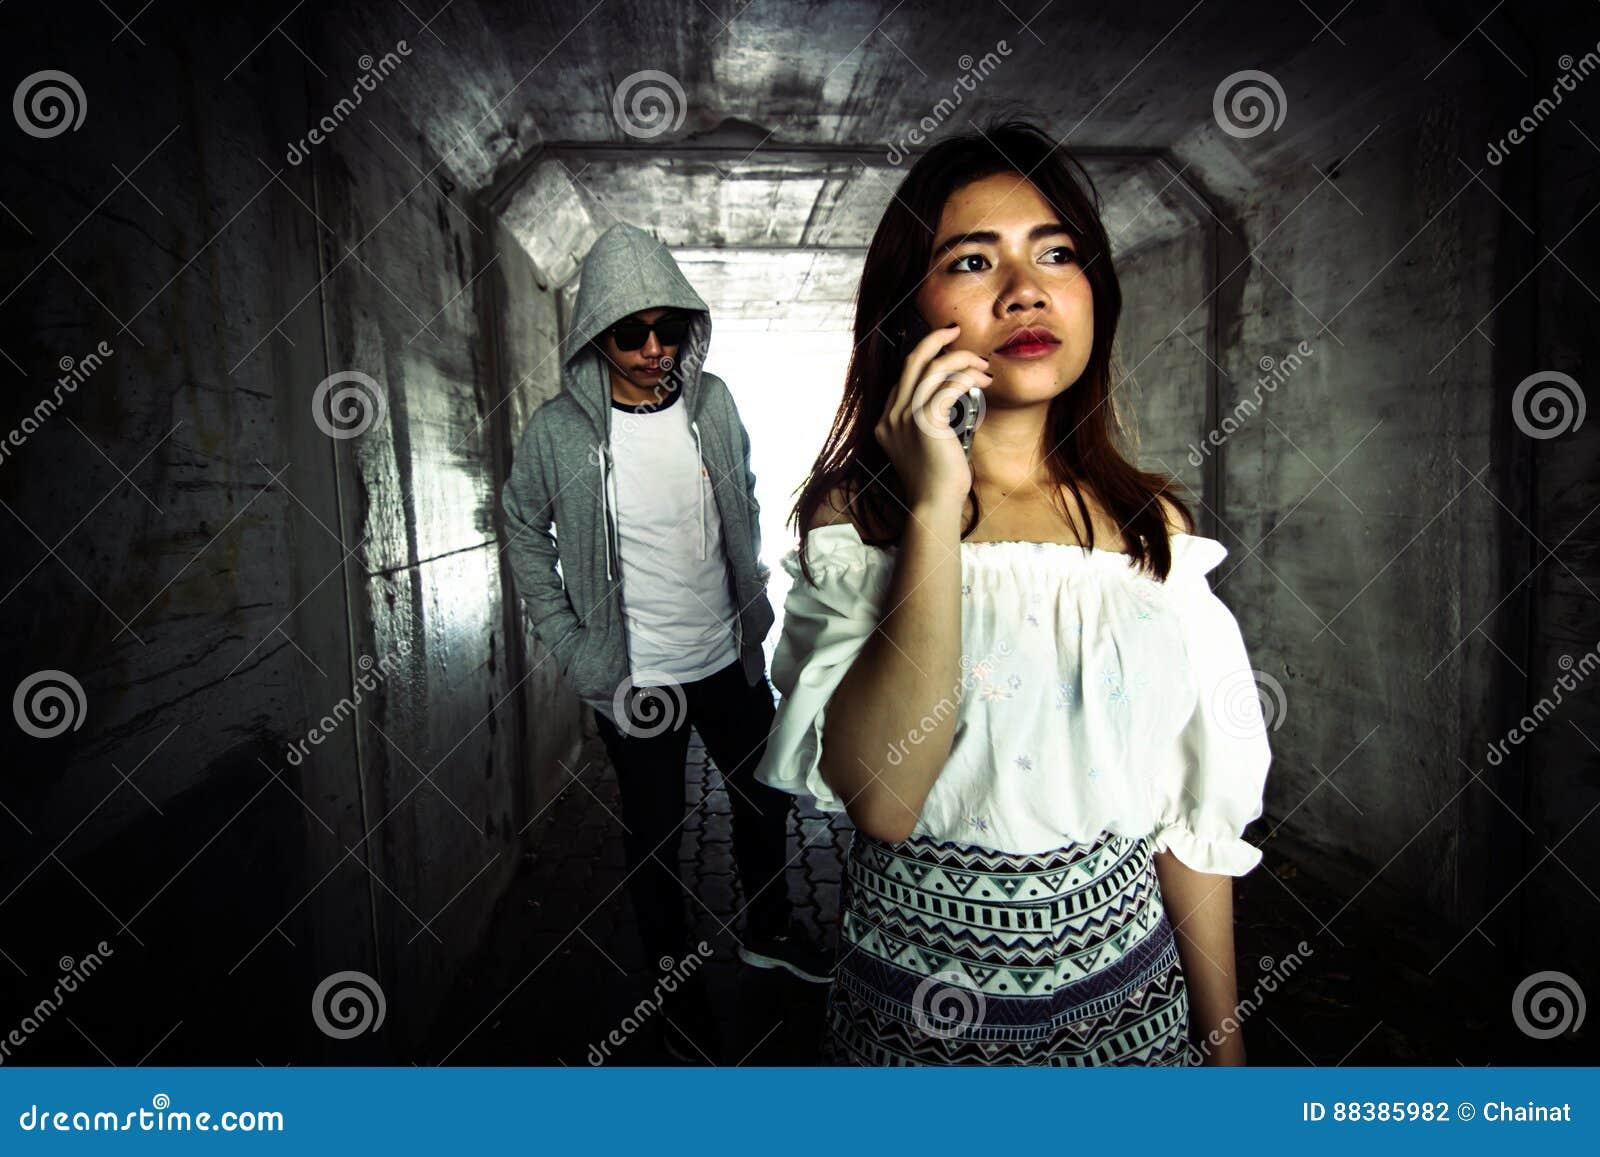 Sociale kwesties, Stalker